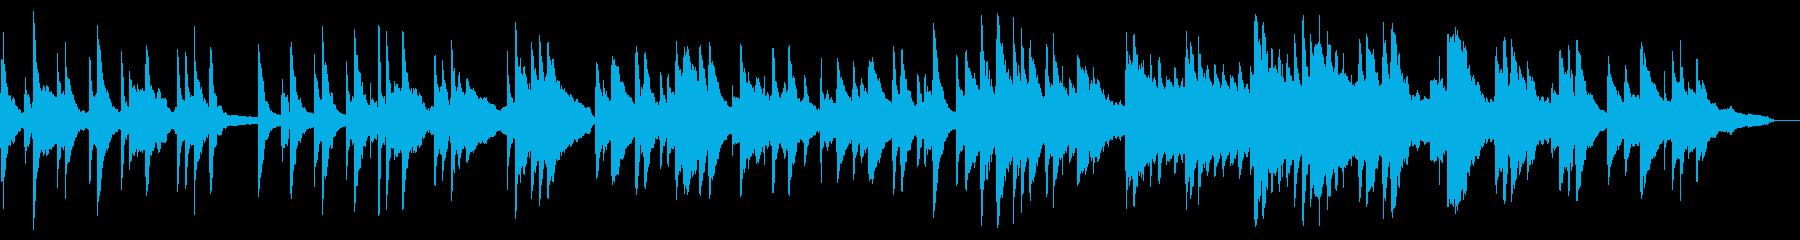 高音質で音数少なく美しいピアノバラードの再生済みの波形